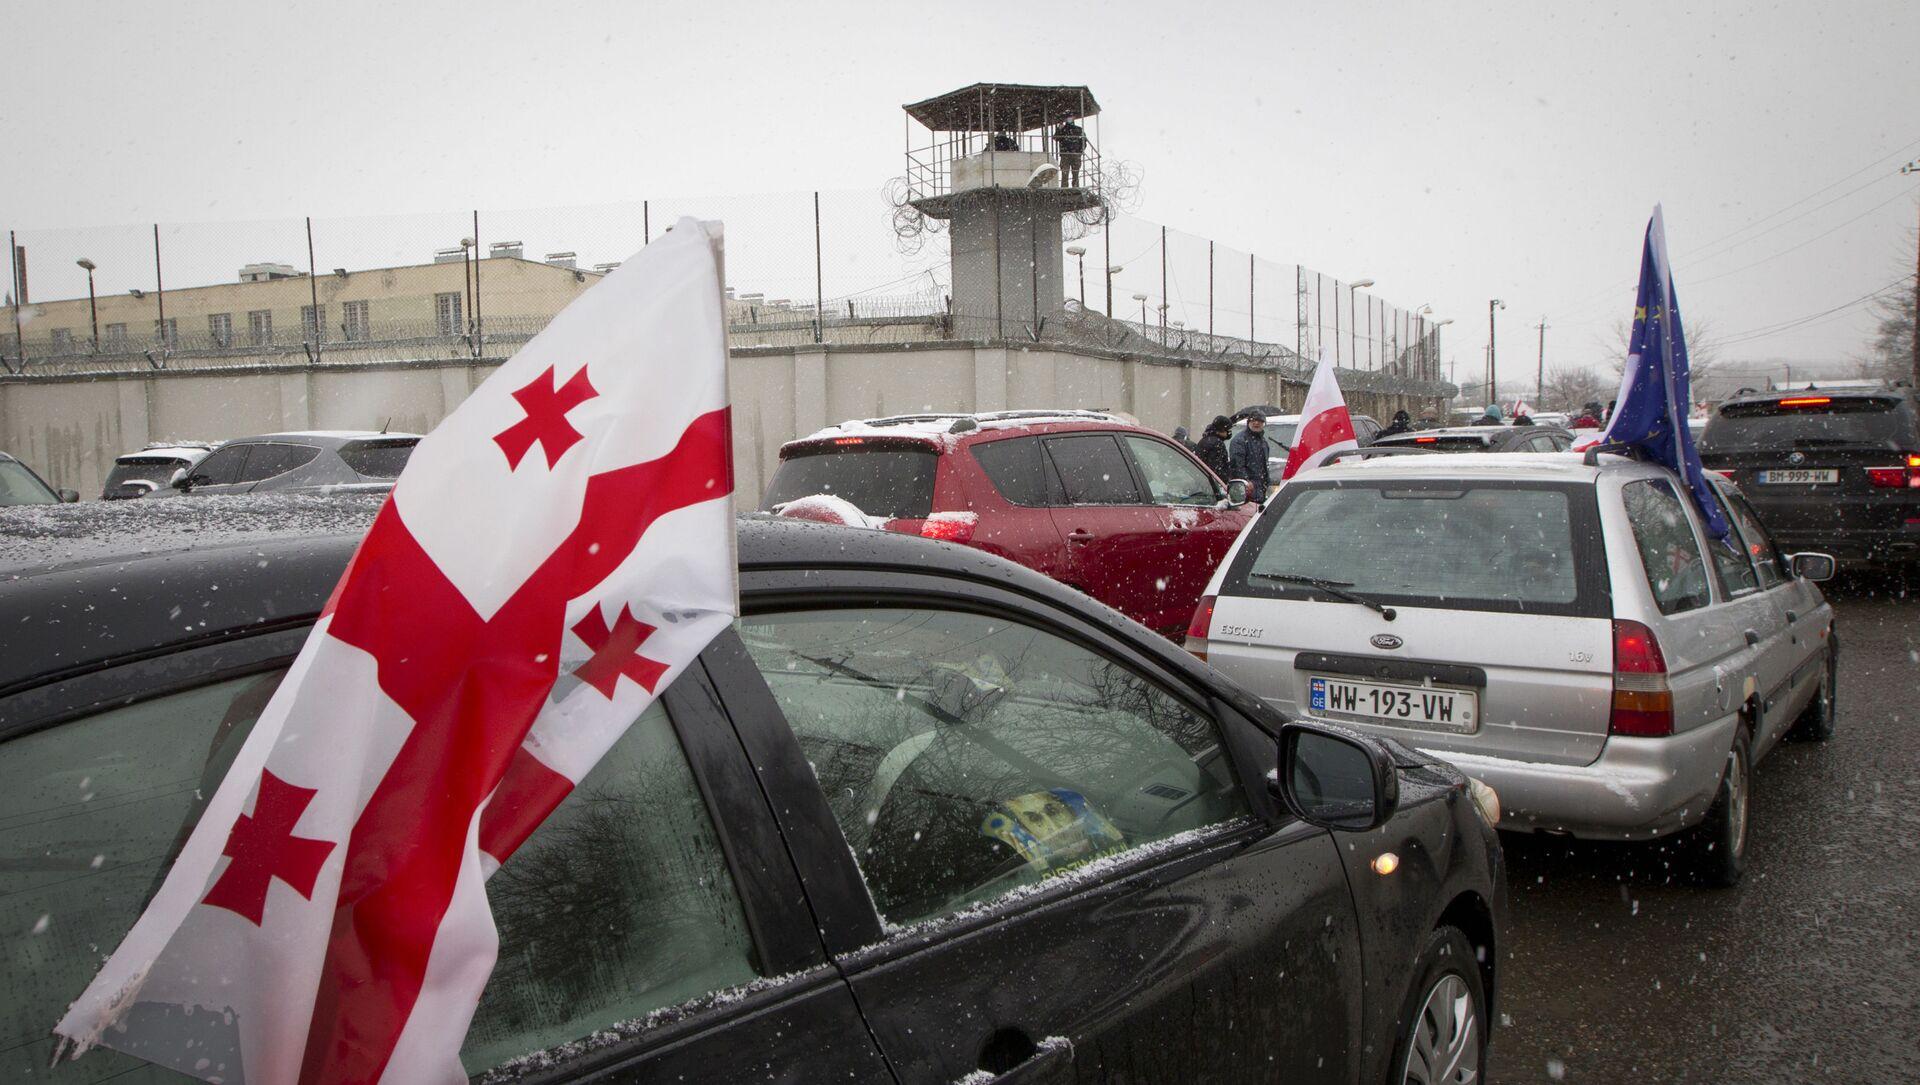 Автопробег оппозиции у Руставской тюрьмы  - Sputnik Грузия, 1920, 25.02.2021